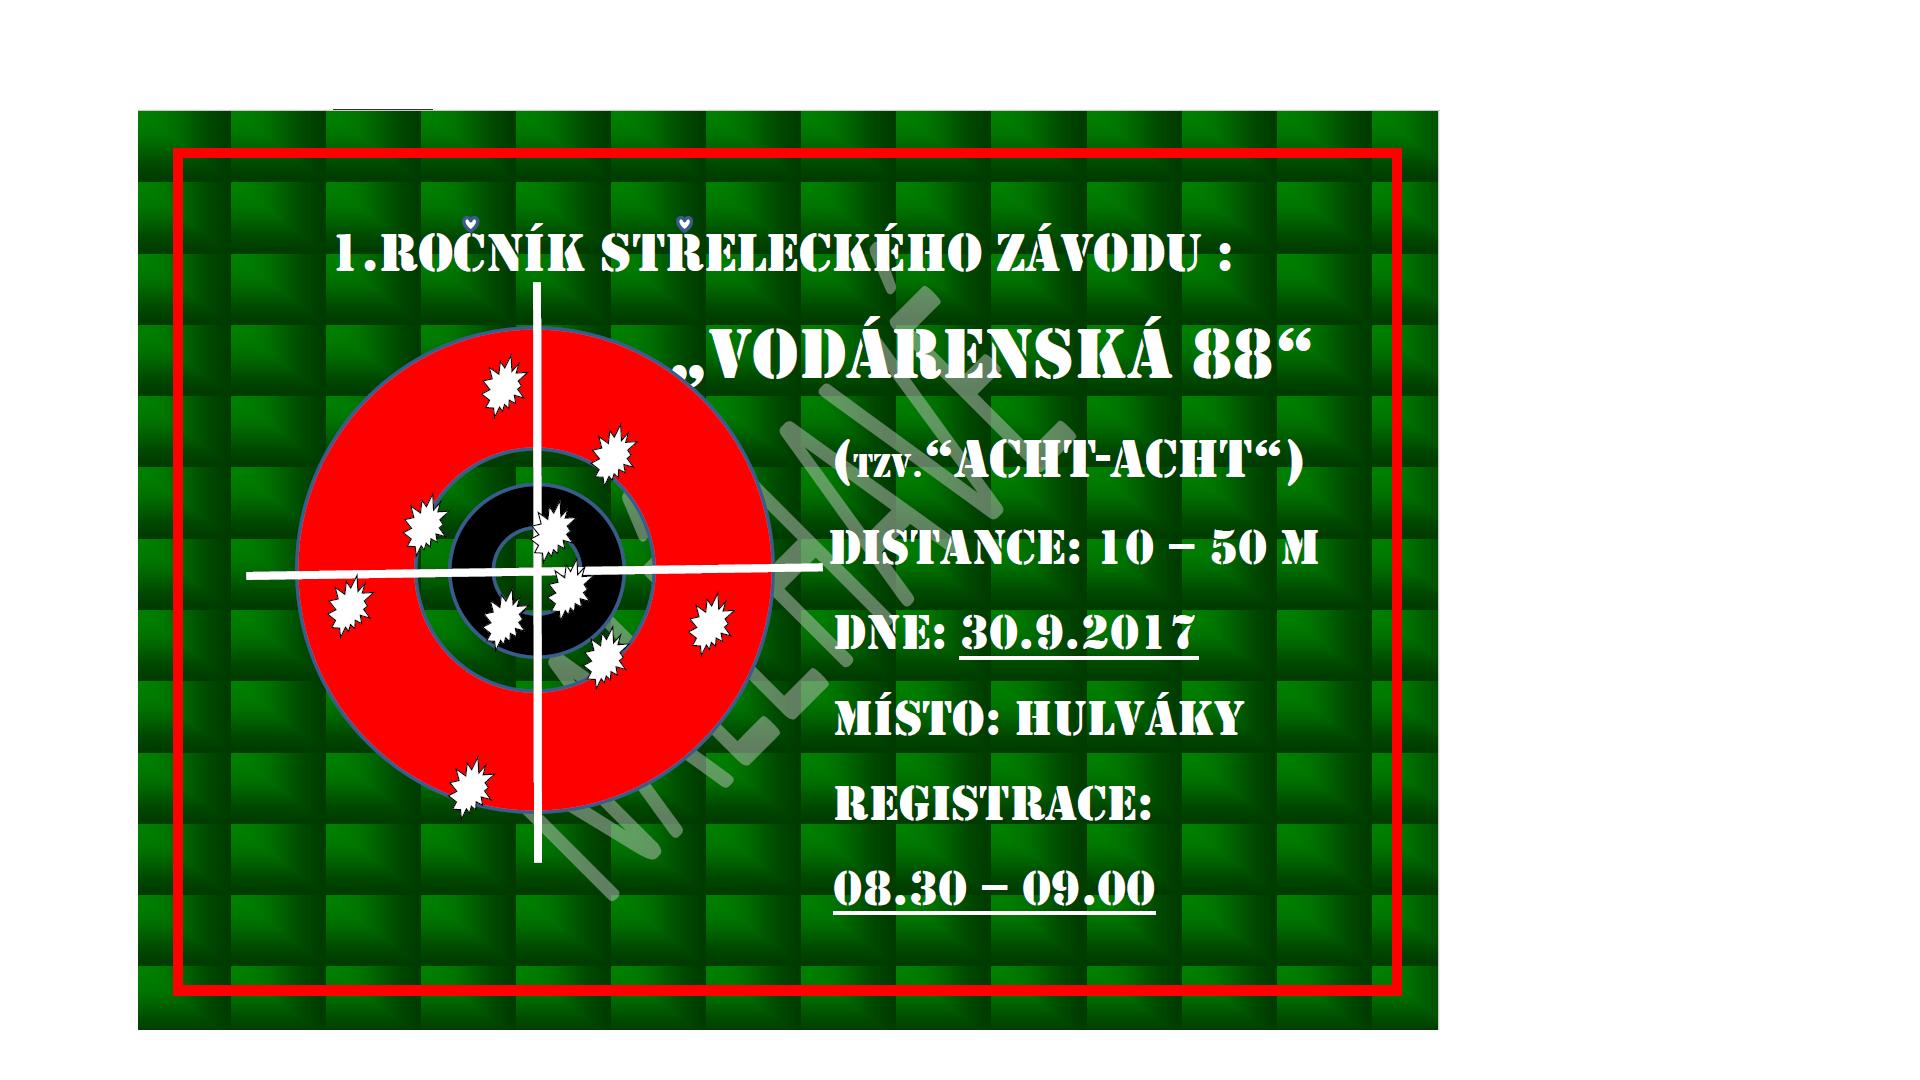 VODÁRENSKÁ_88